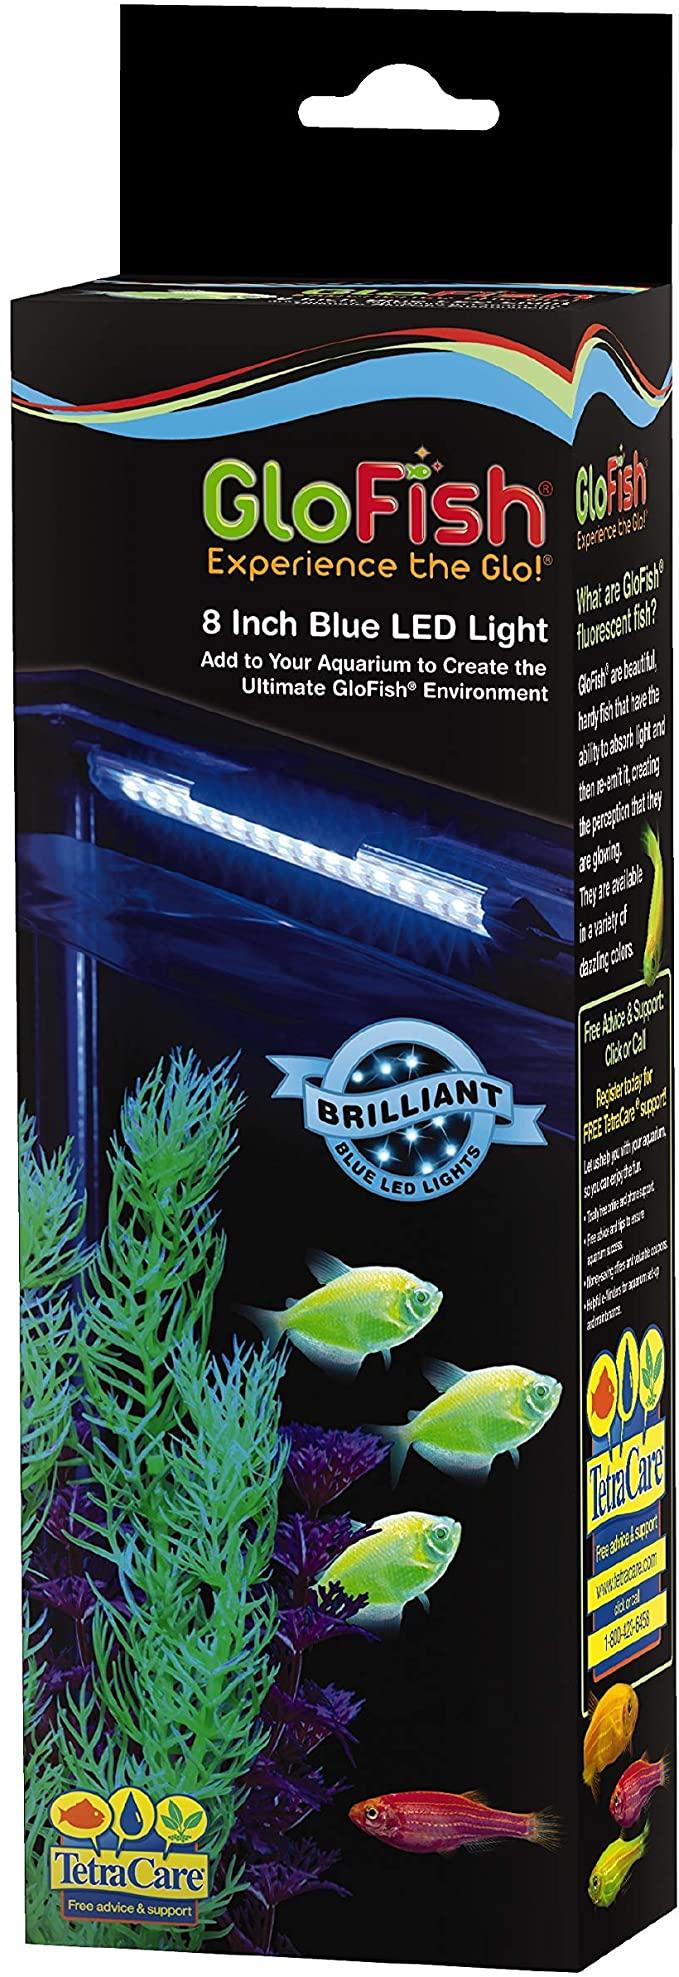 GloFish 29014 product image 3